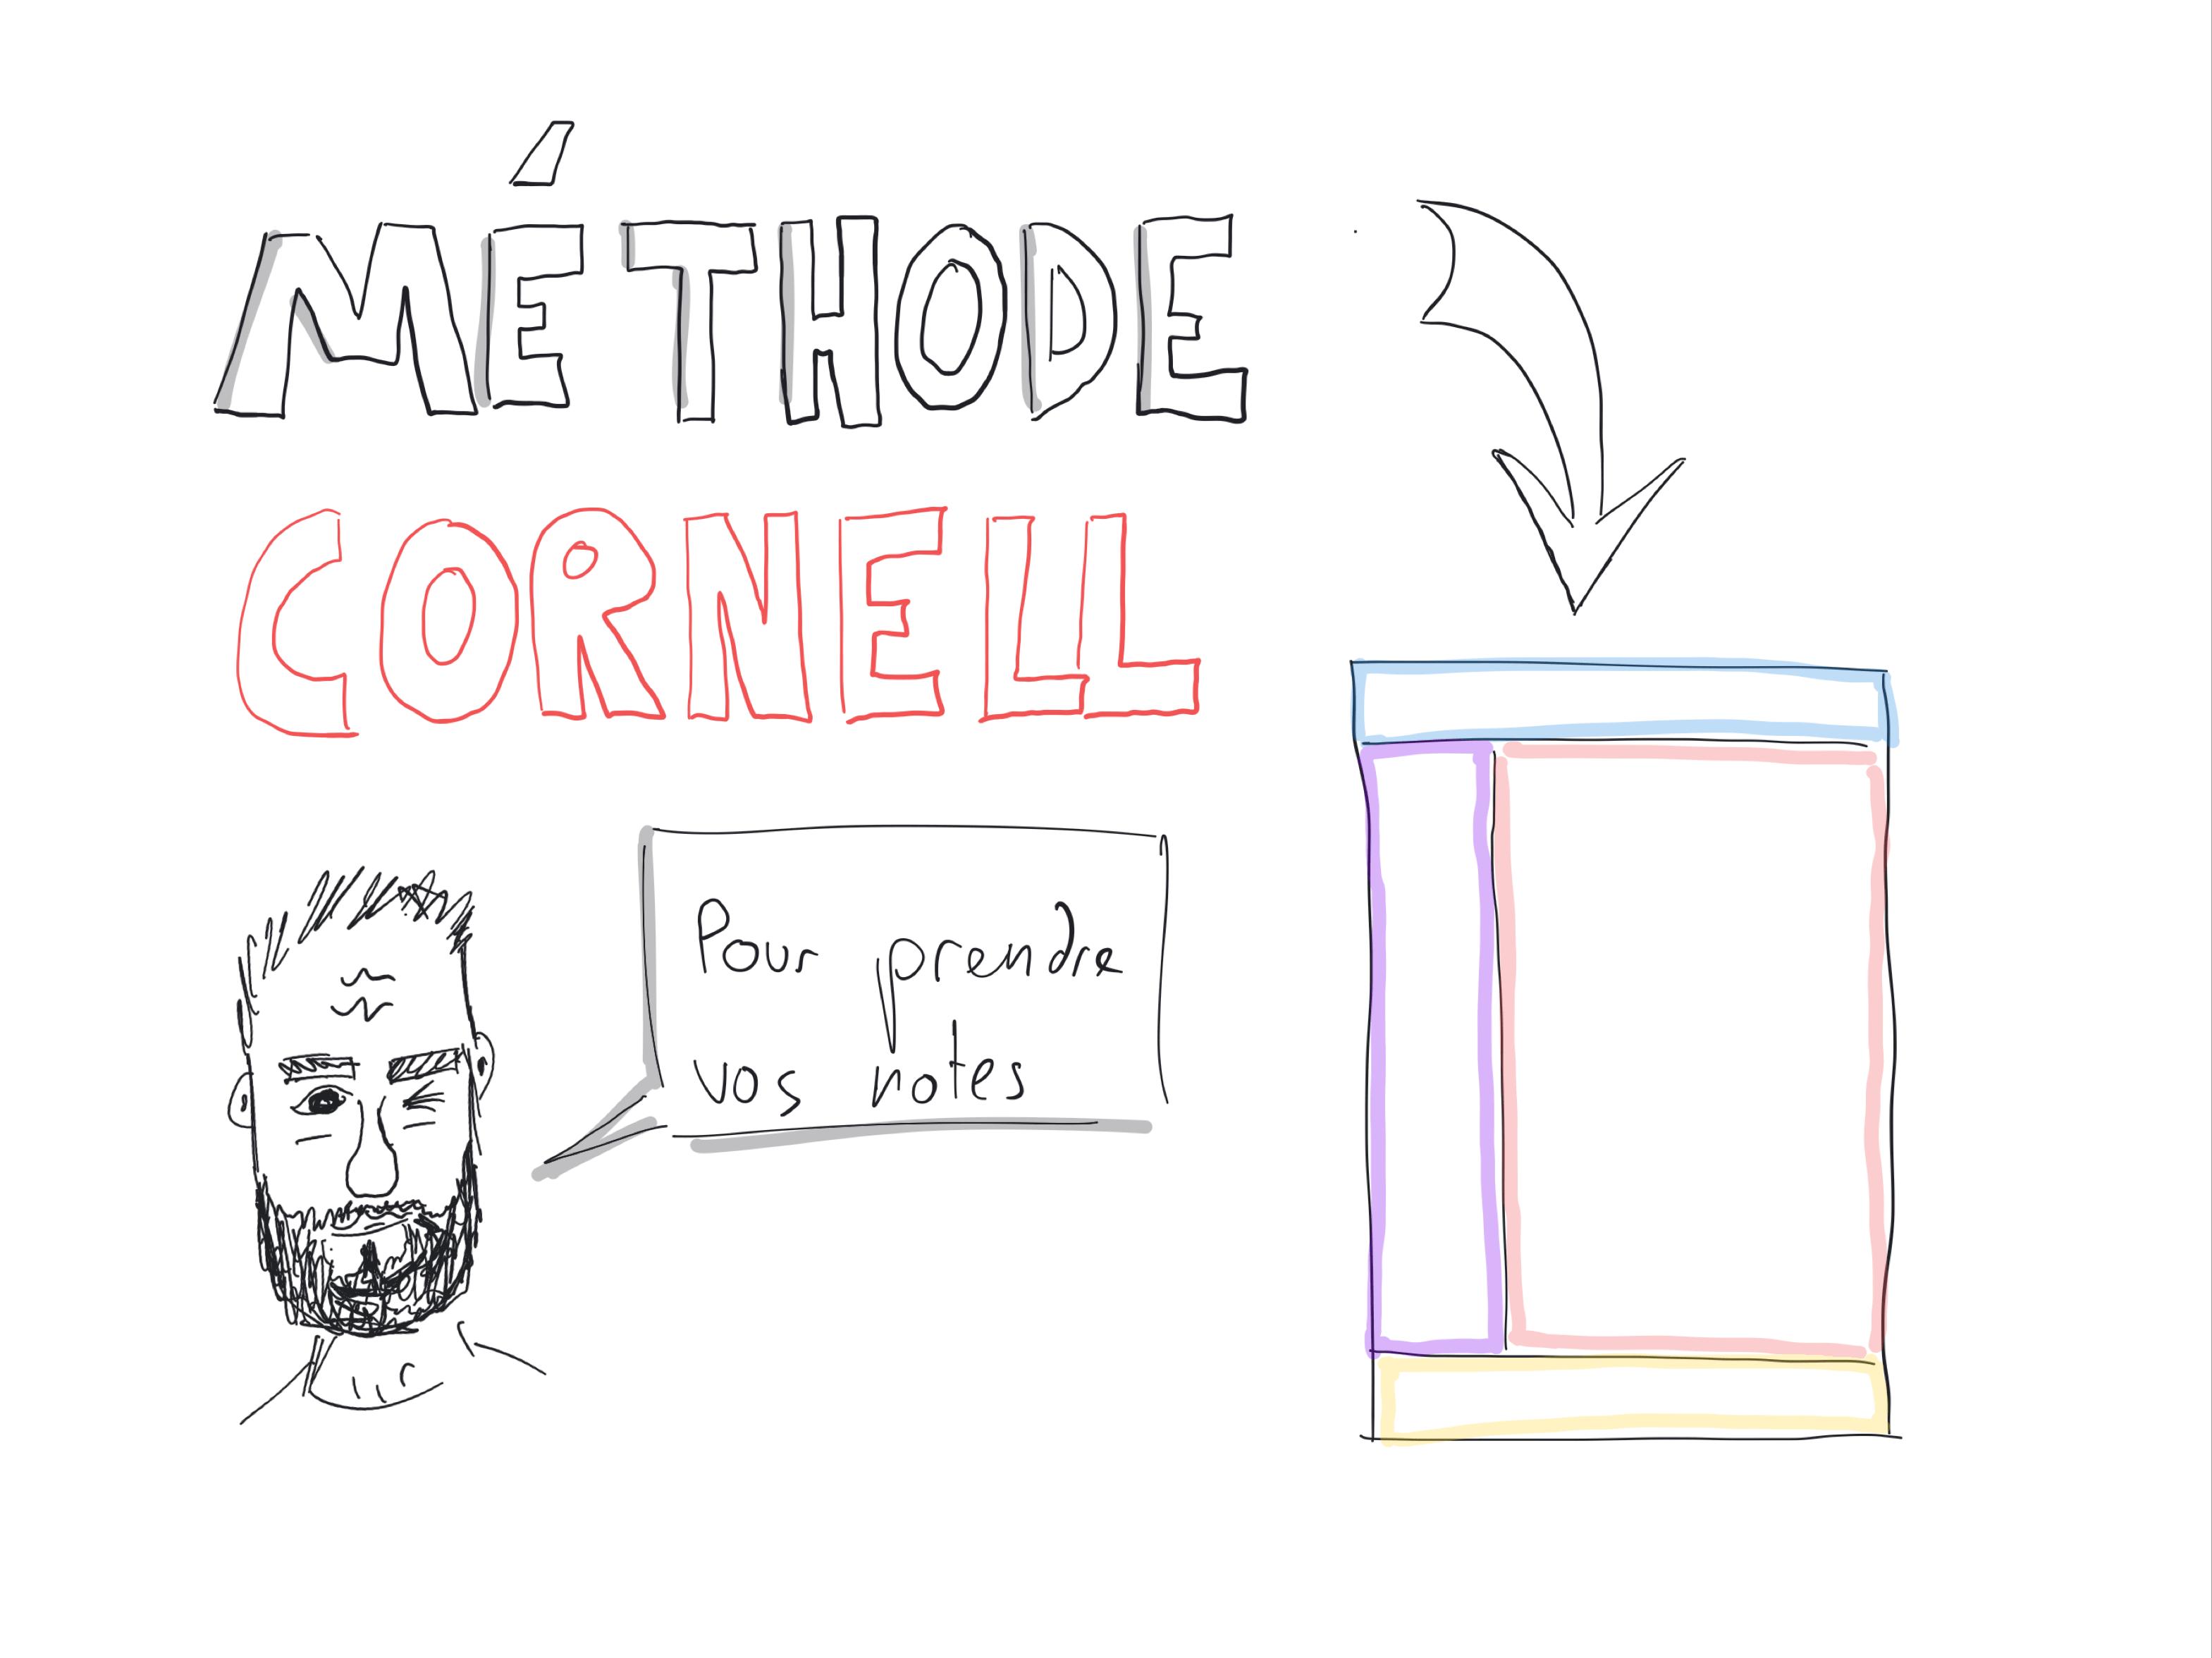 Méthode cornell